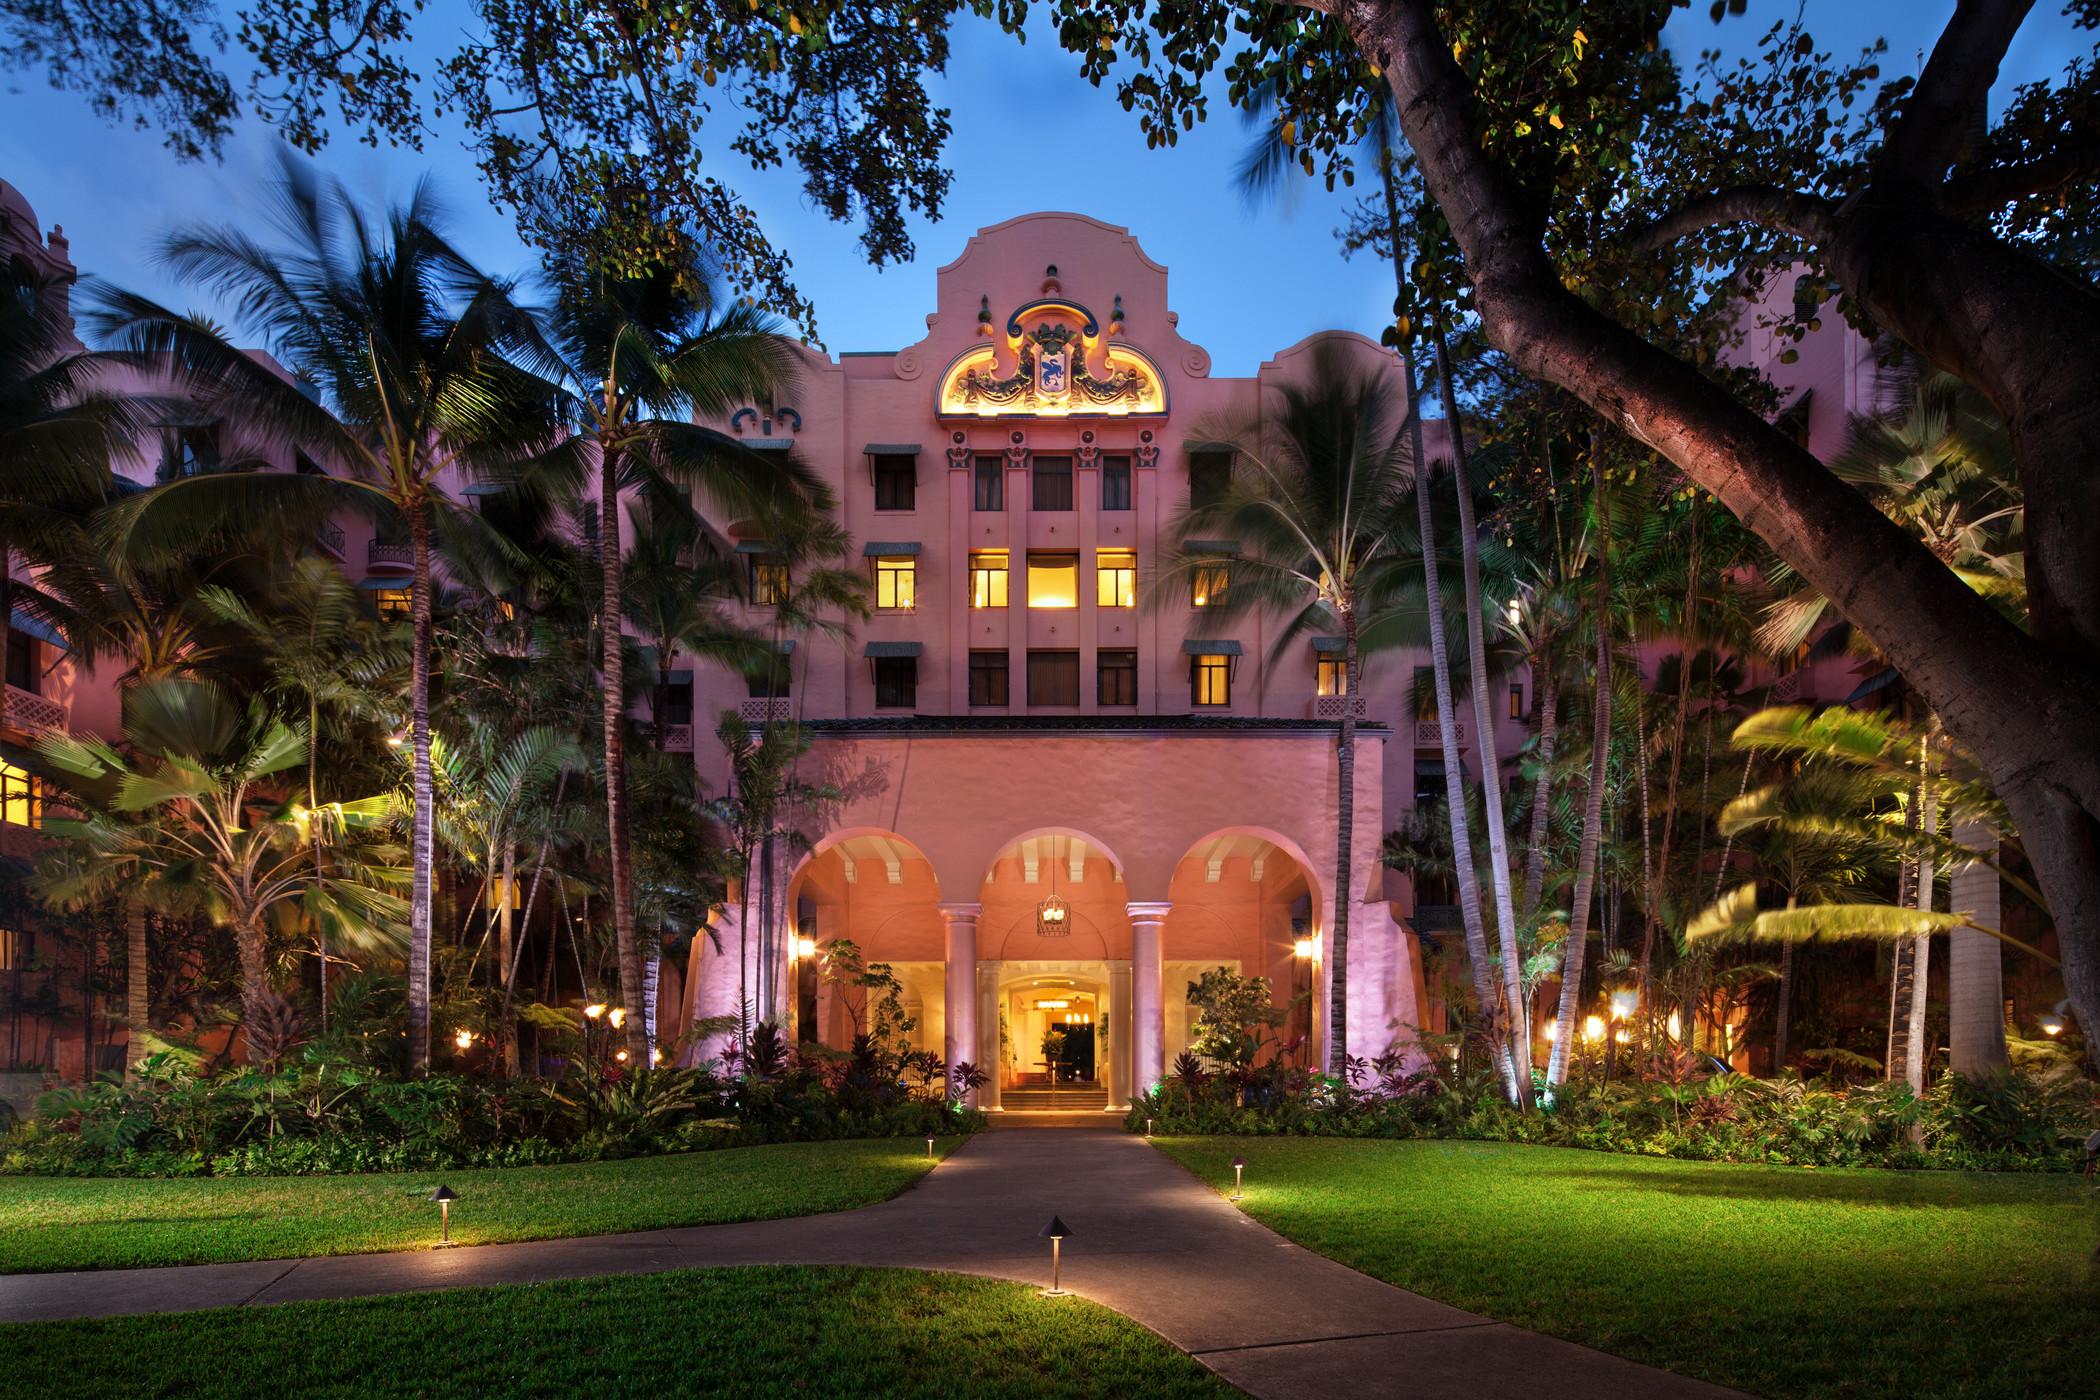 USA-Hawaii-Oahu-Royal Hawaiian-Entrance.jpg